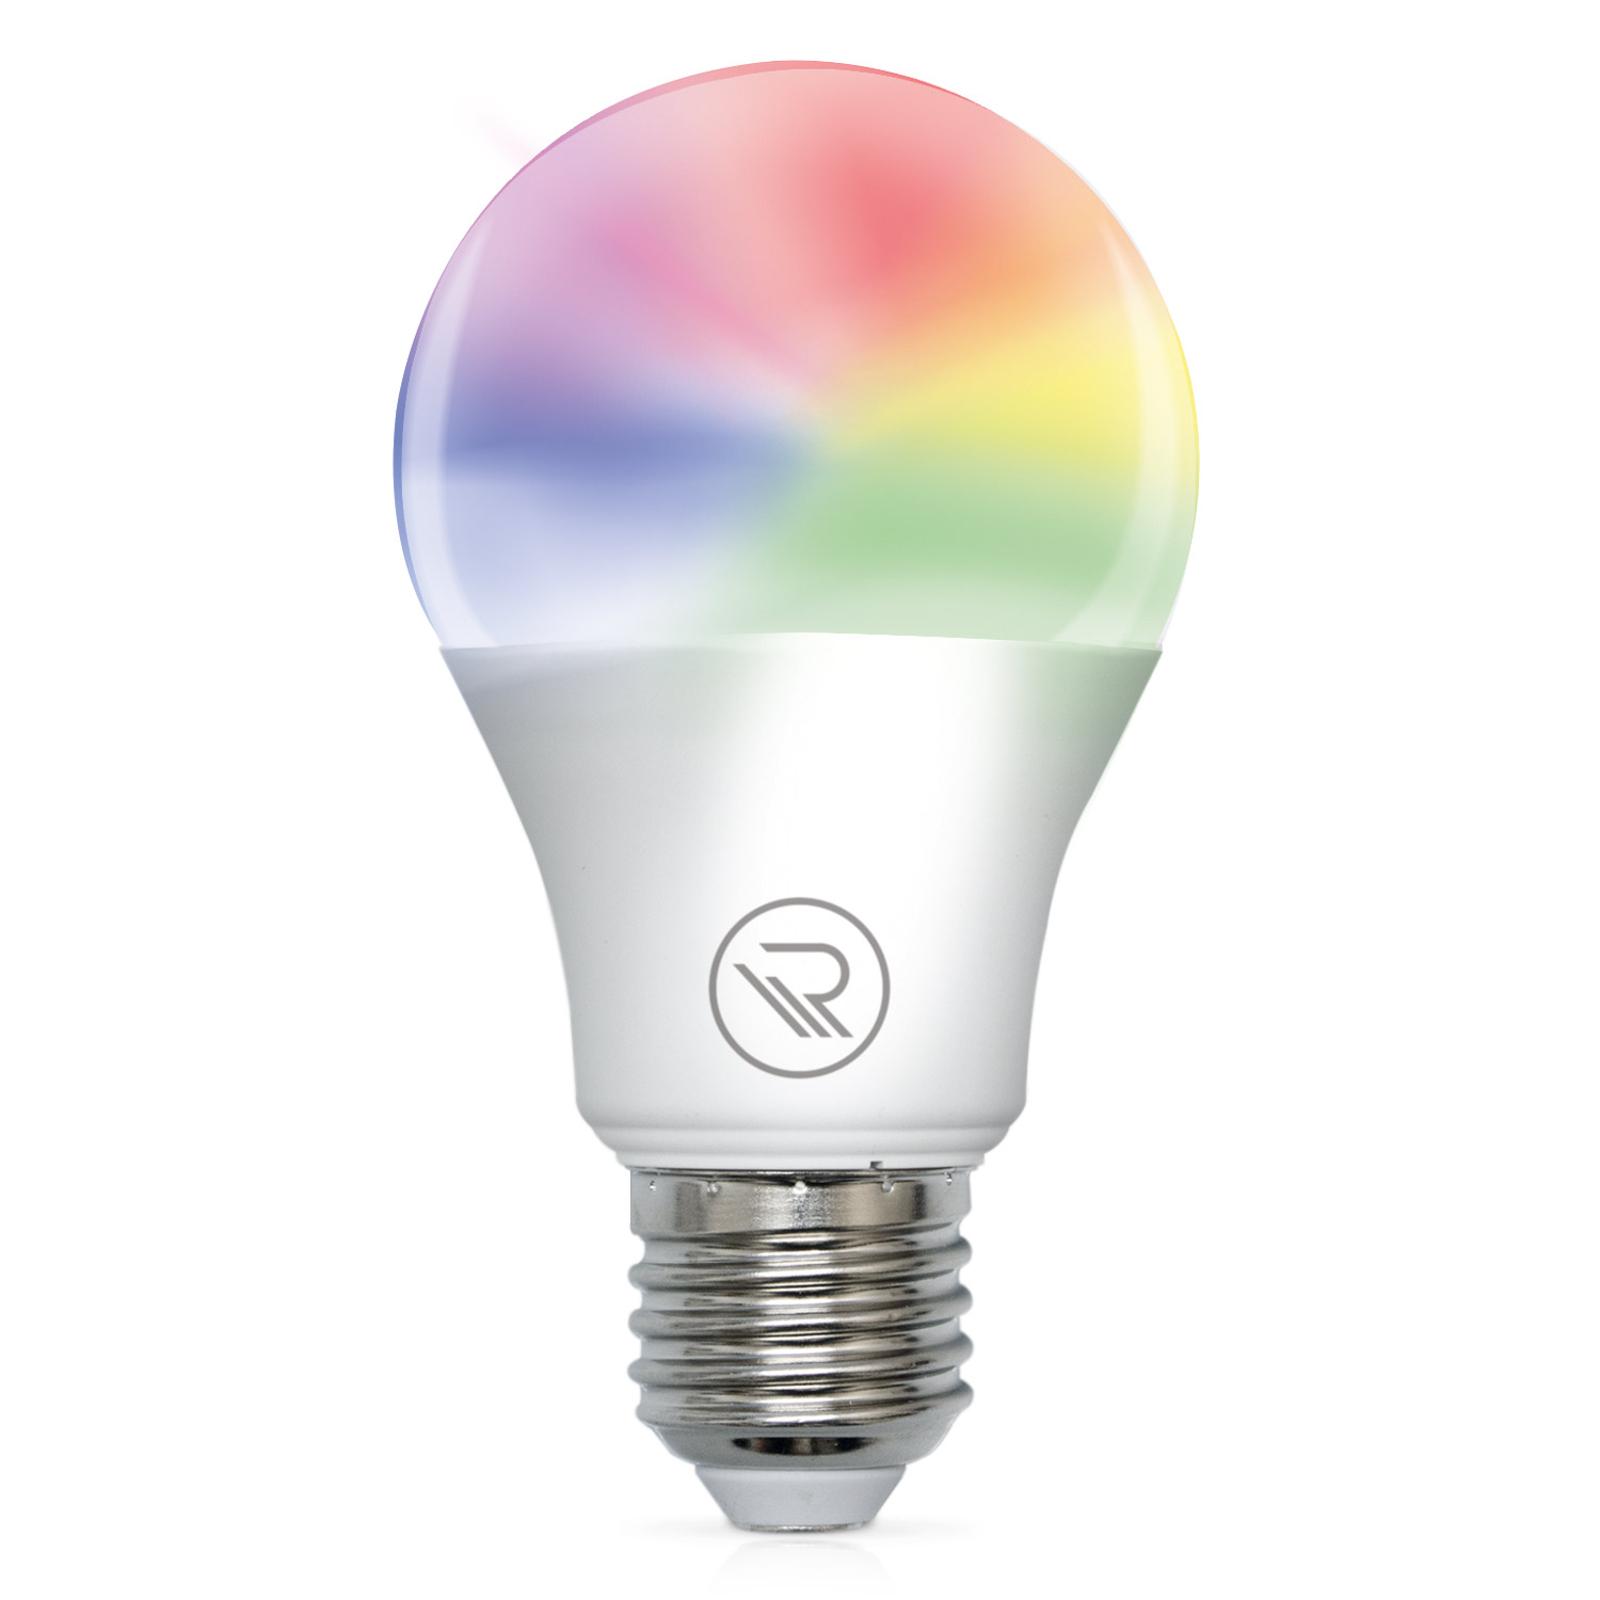 Rademacher addZ ZigBee E27 8,5W LED-Lampe RGBW